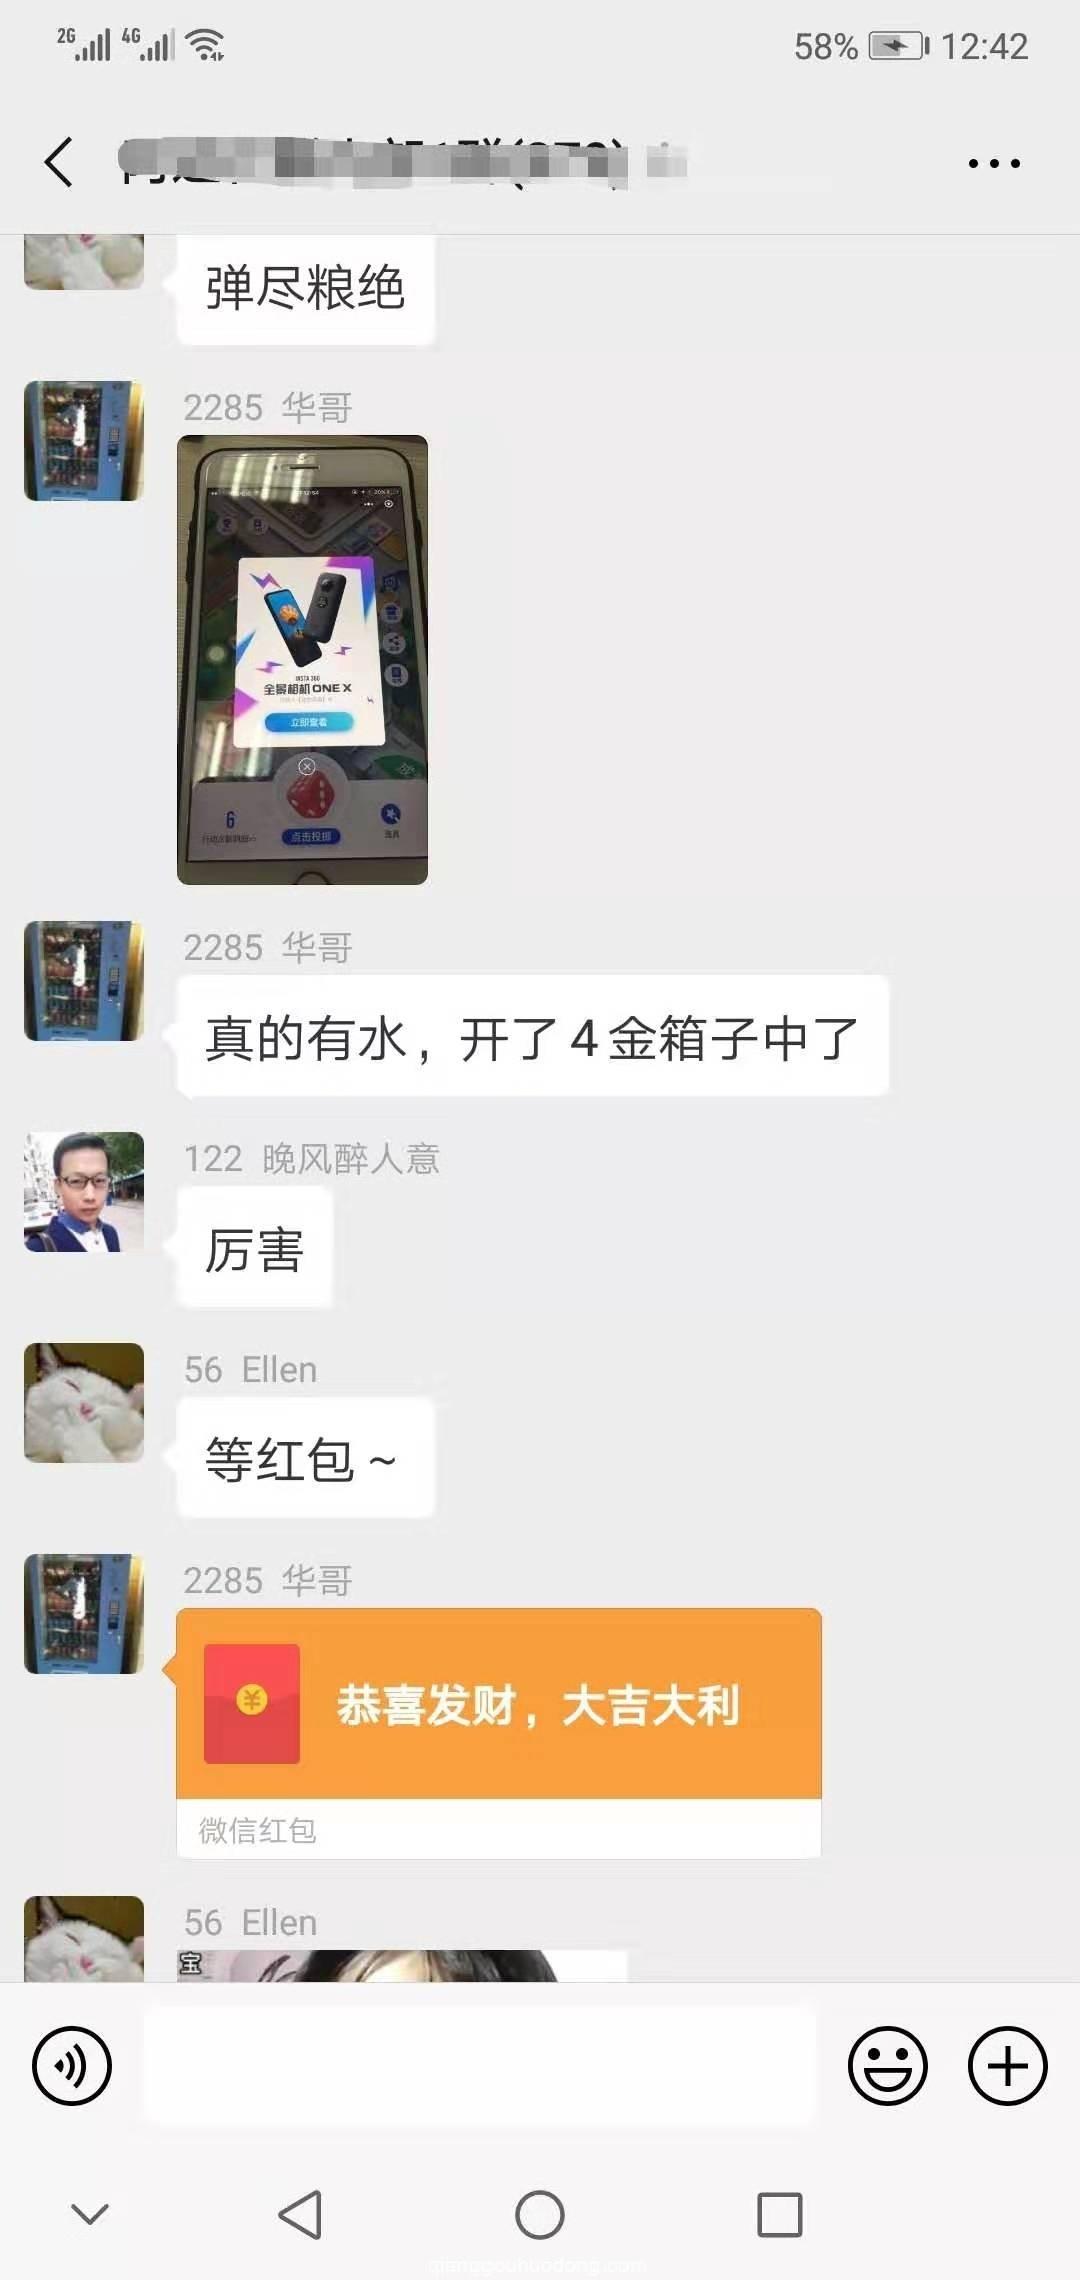 中信夏日发现之旅2.0